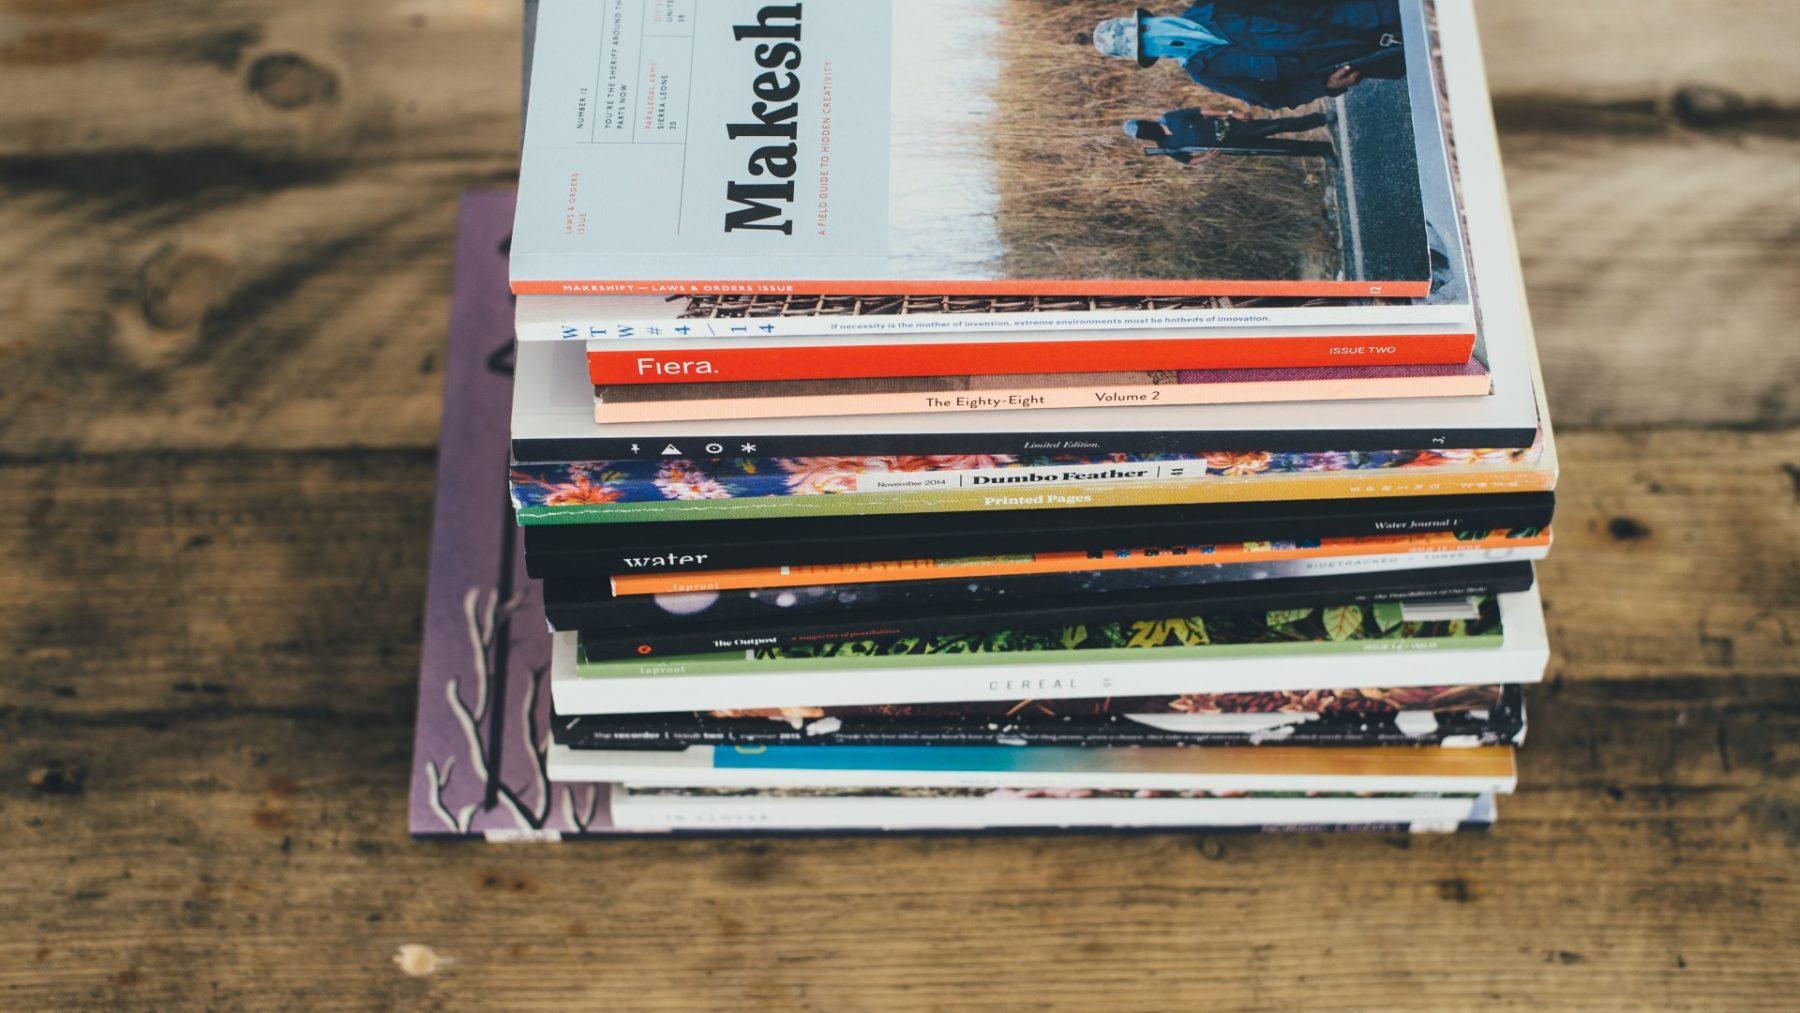 Femke verkocht tijdschriften via Marktplaats: 'Hij excuseerde zich'